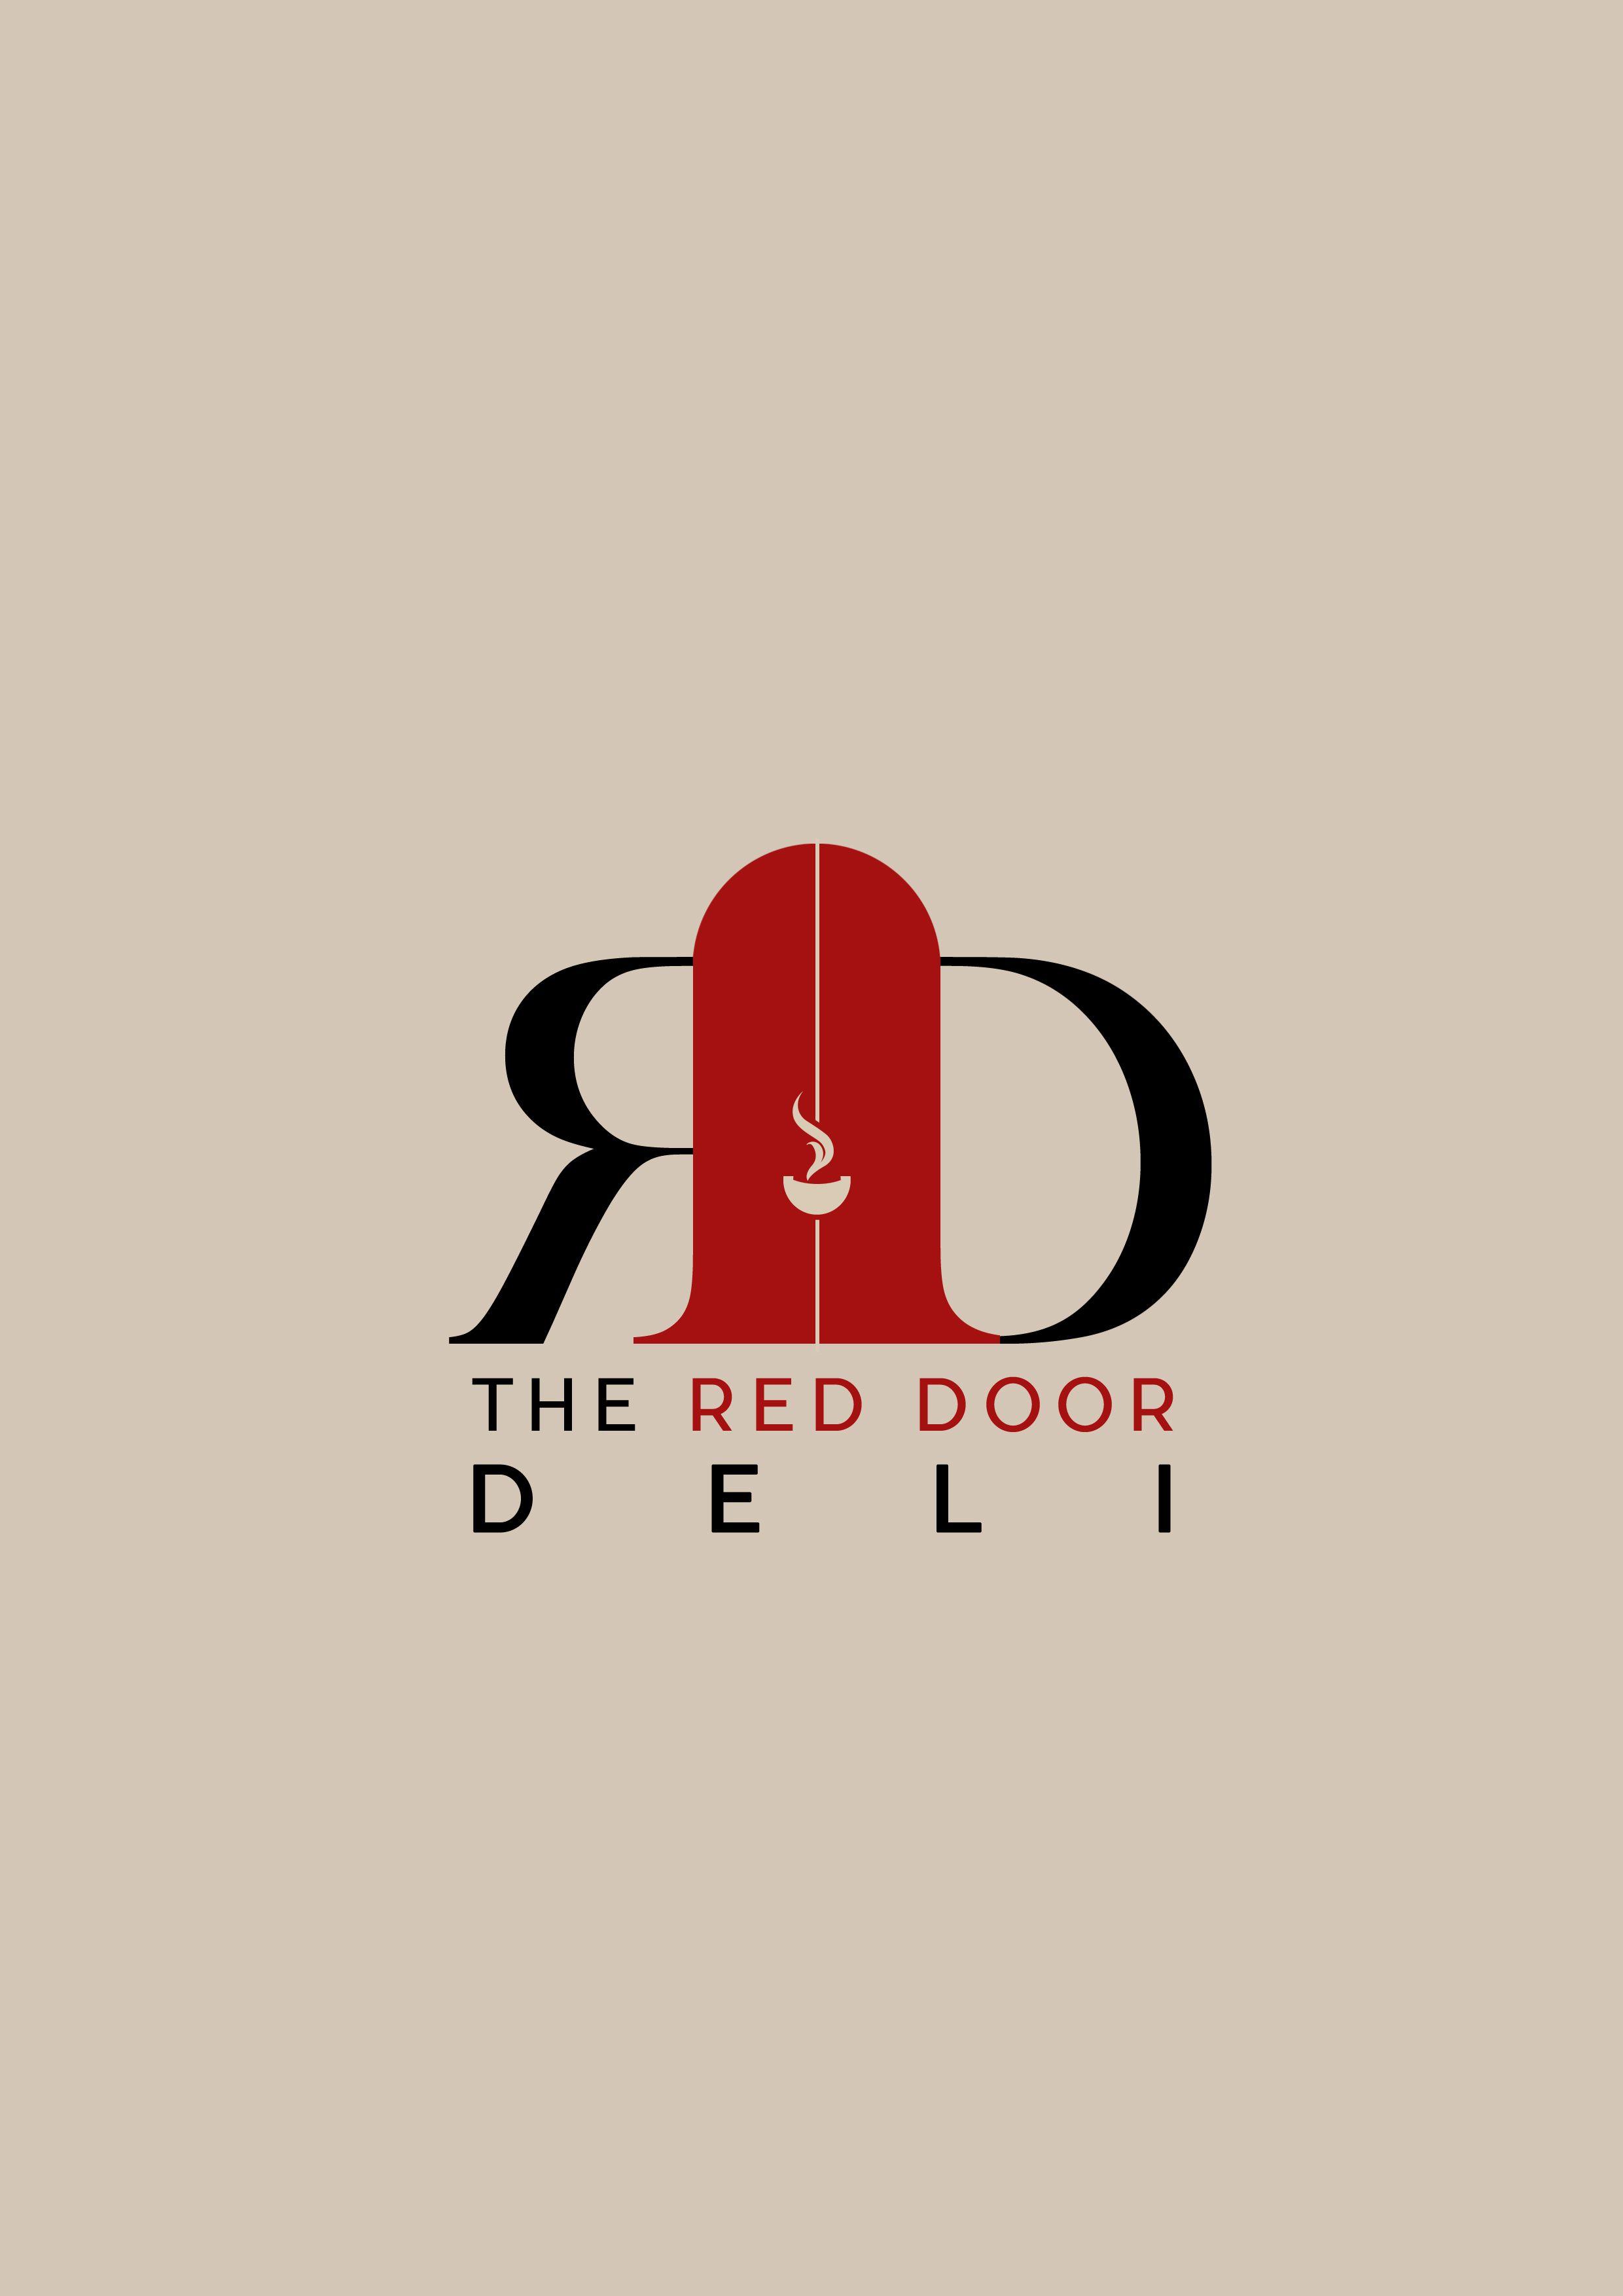 Red Door Deli Proposed Logo Mnemonic Work Pinterest